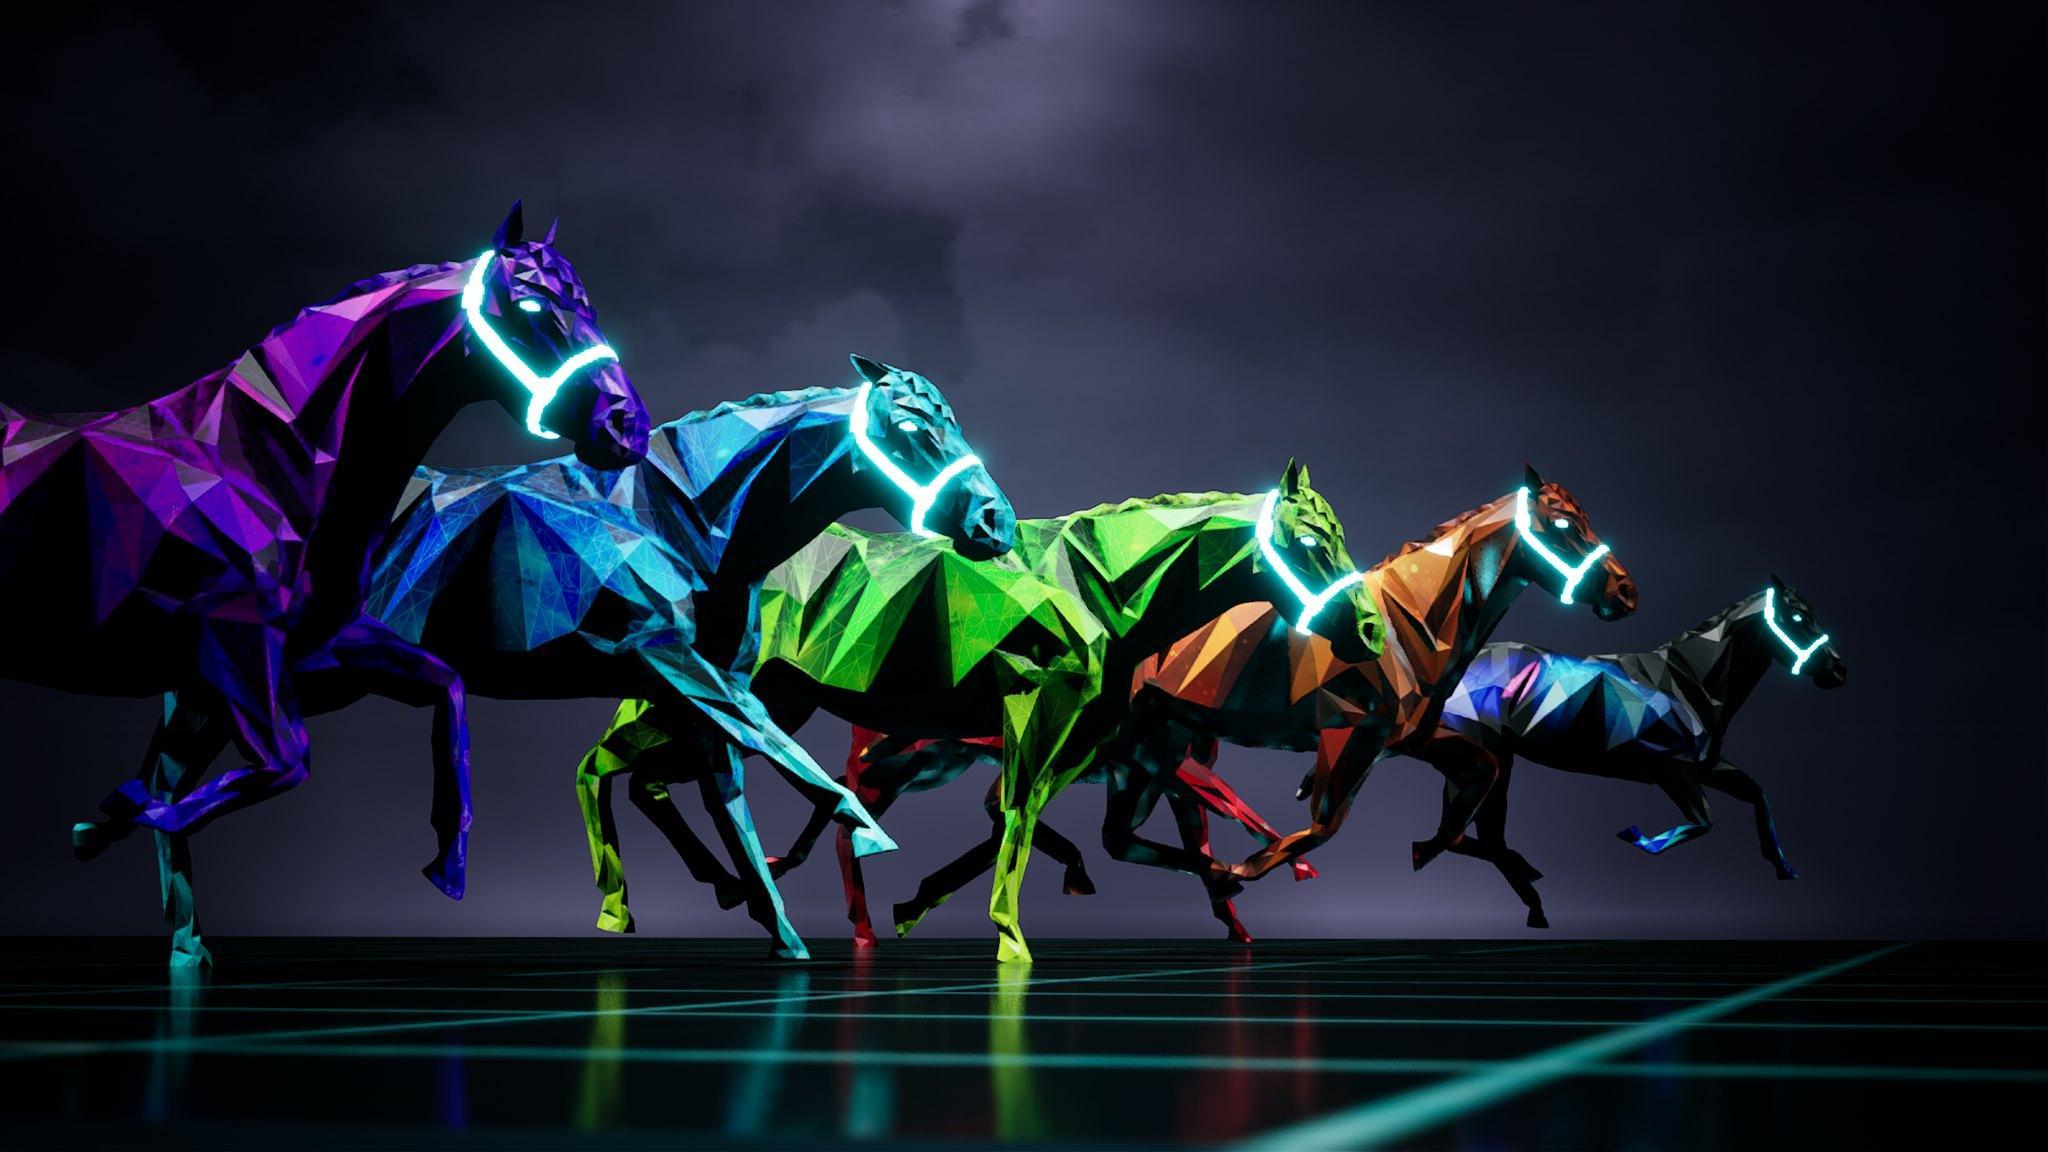 Zed Run digital horse racing game image